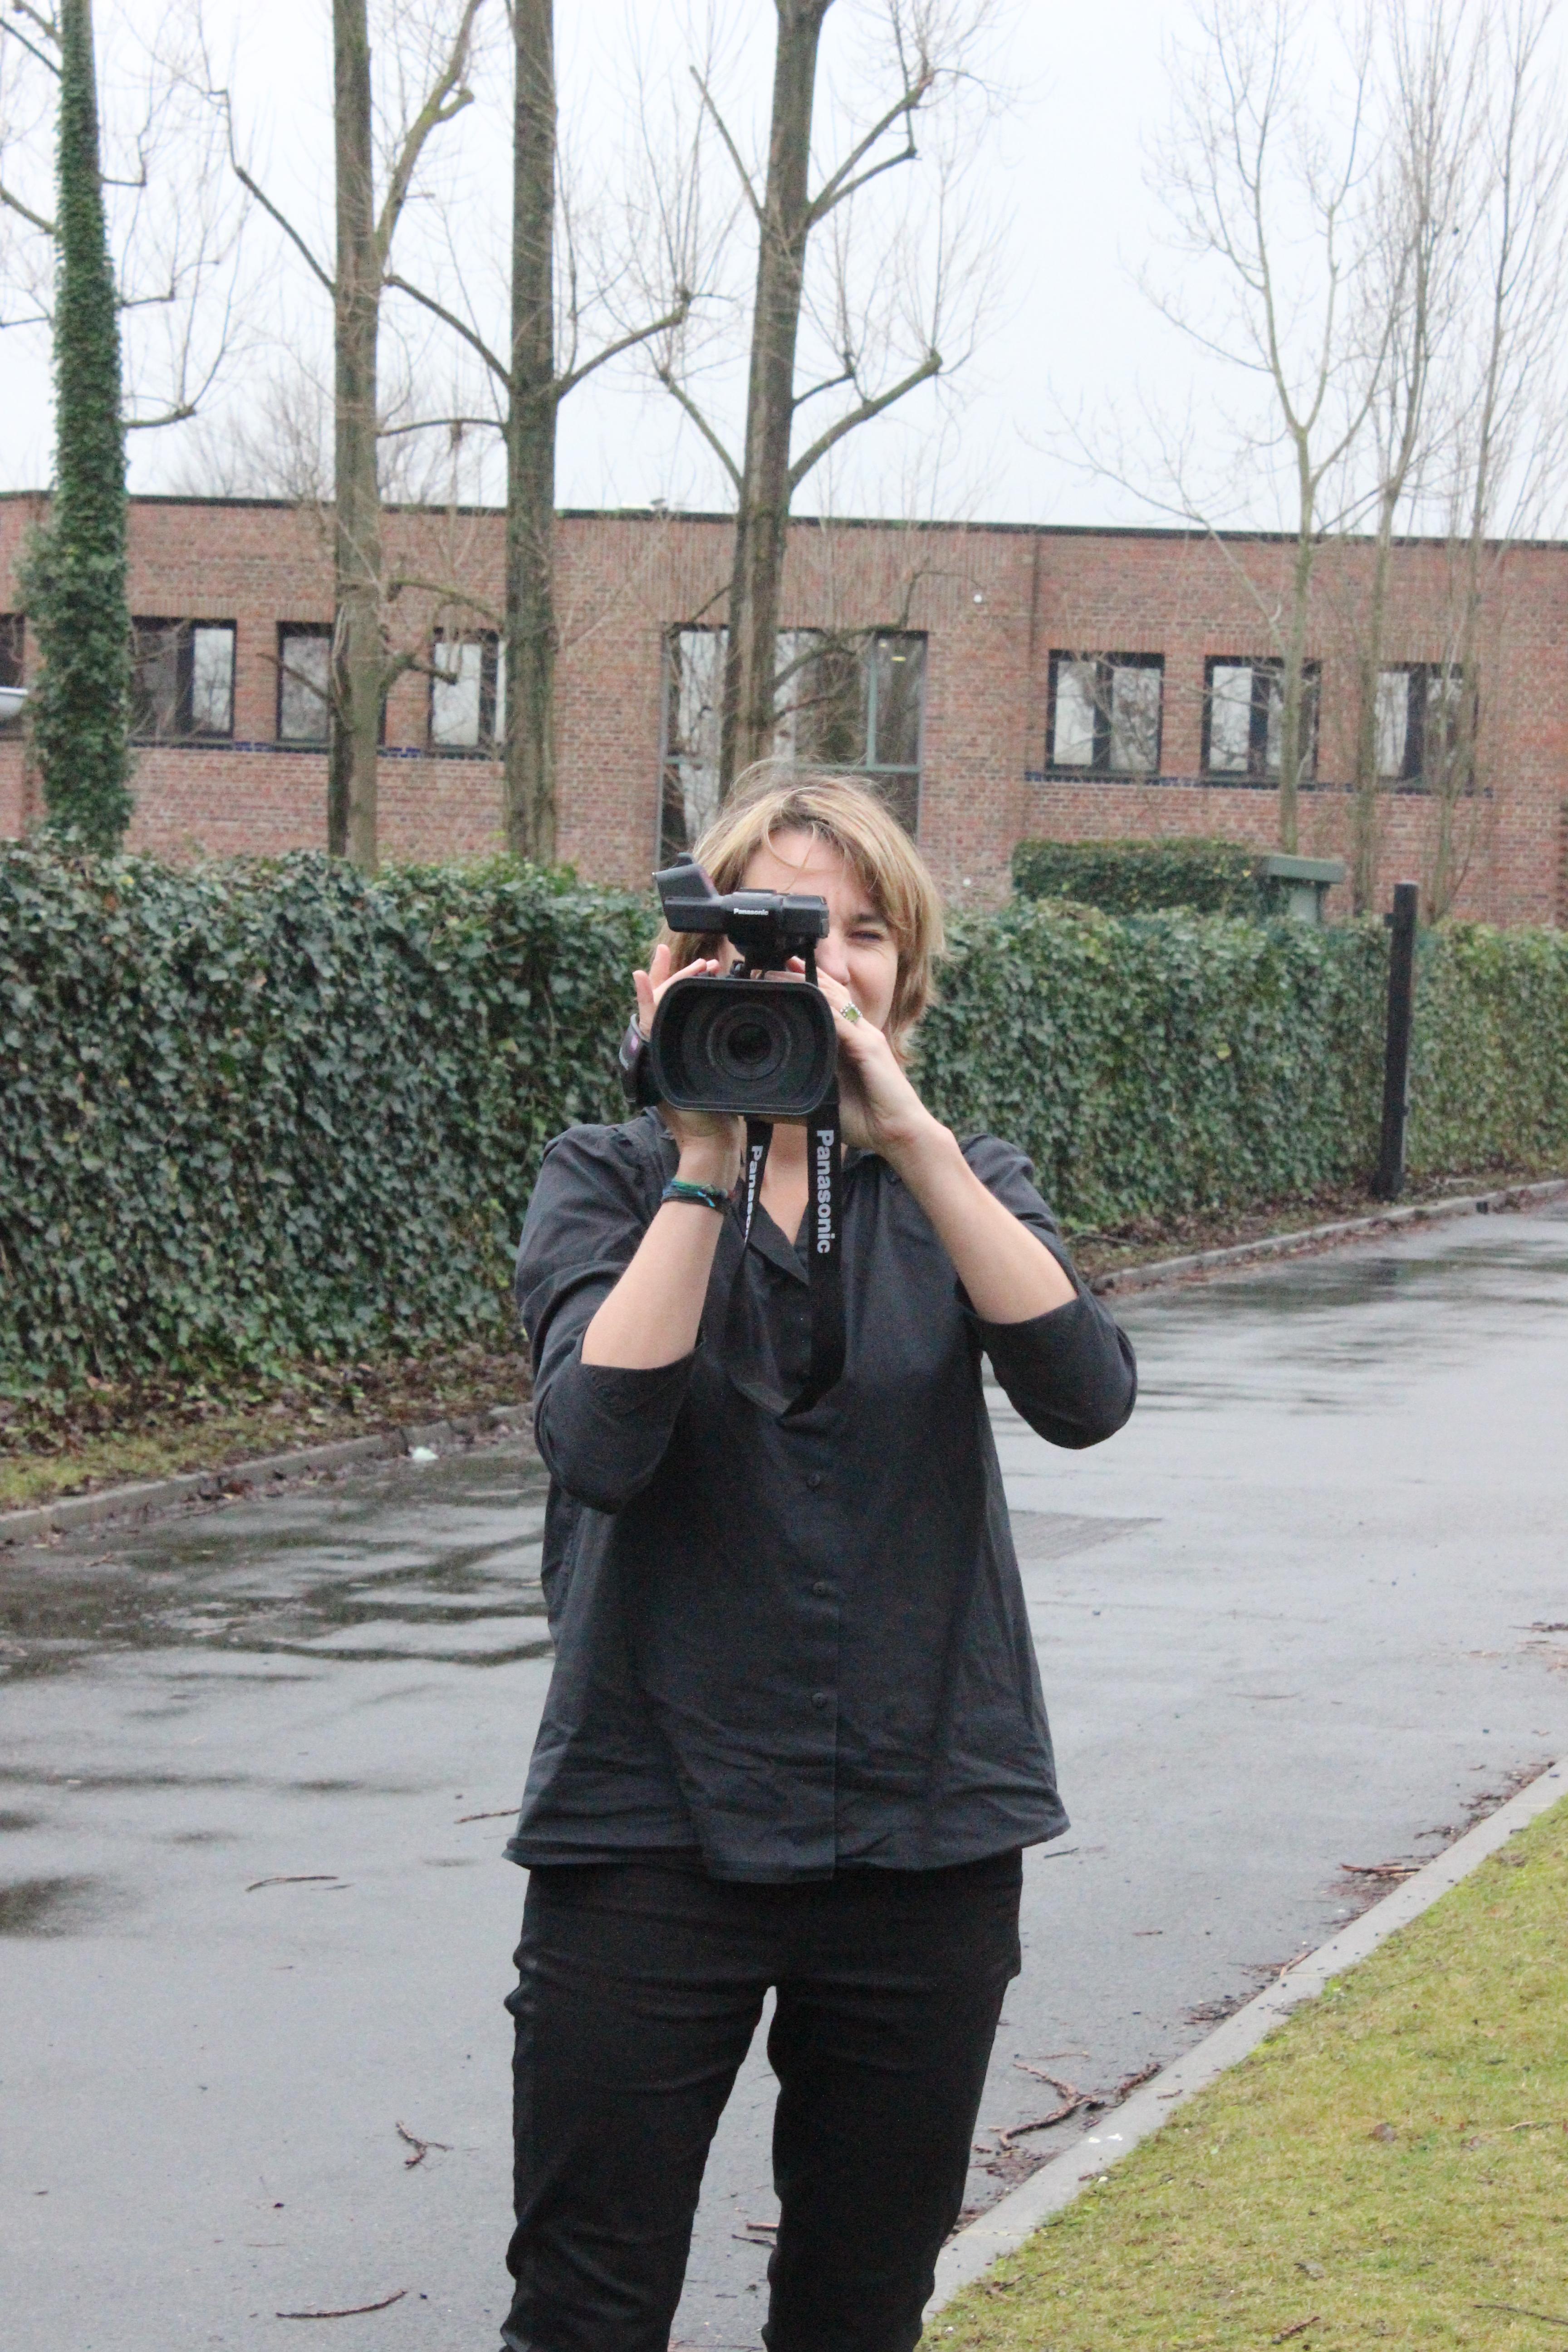 Chaîne Youtube Anne Henry-Castelbou